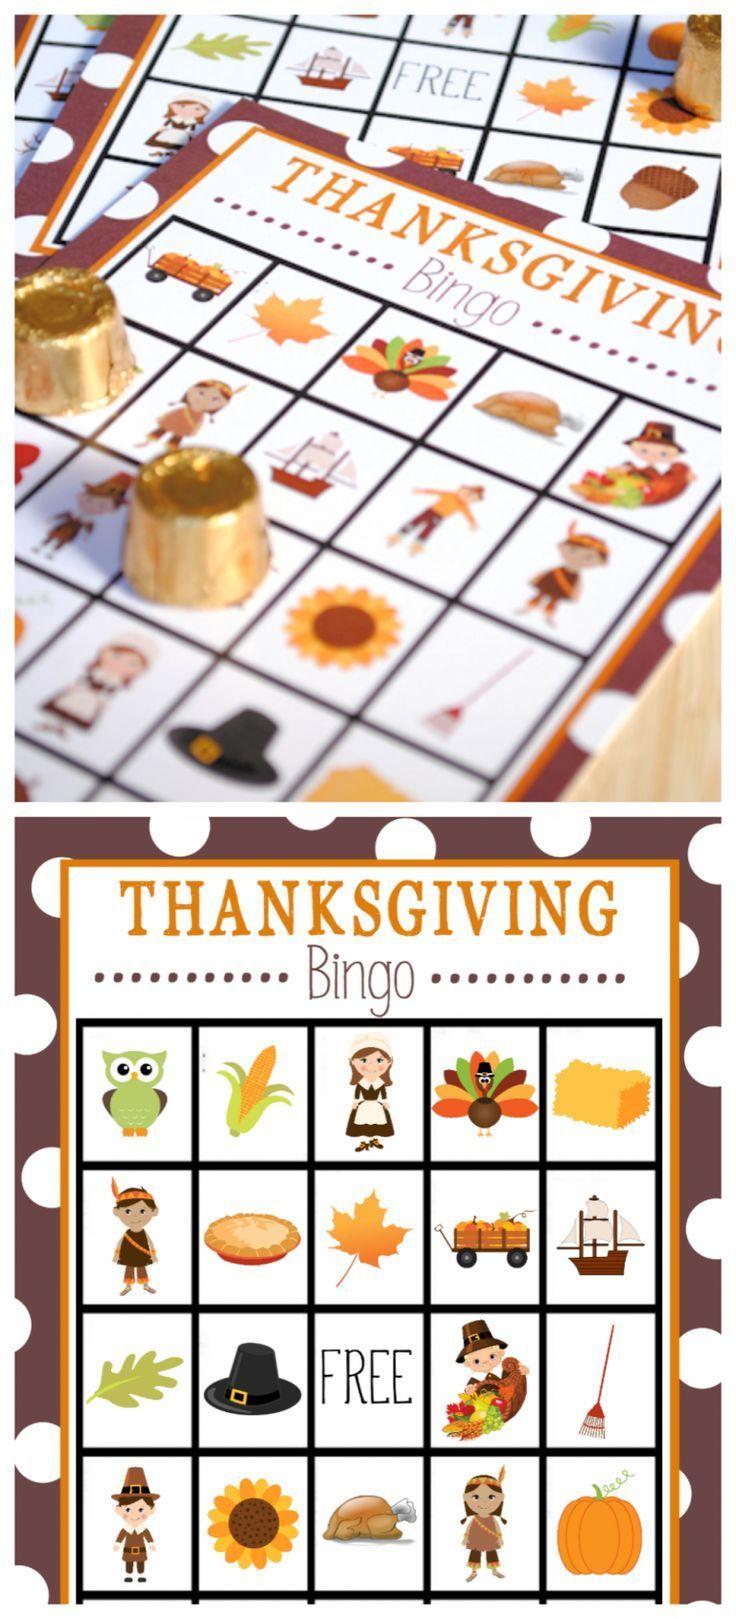 Free Printable Thanksgiving Bingo Game   Thanksgiving Bingo